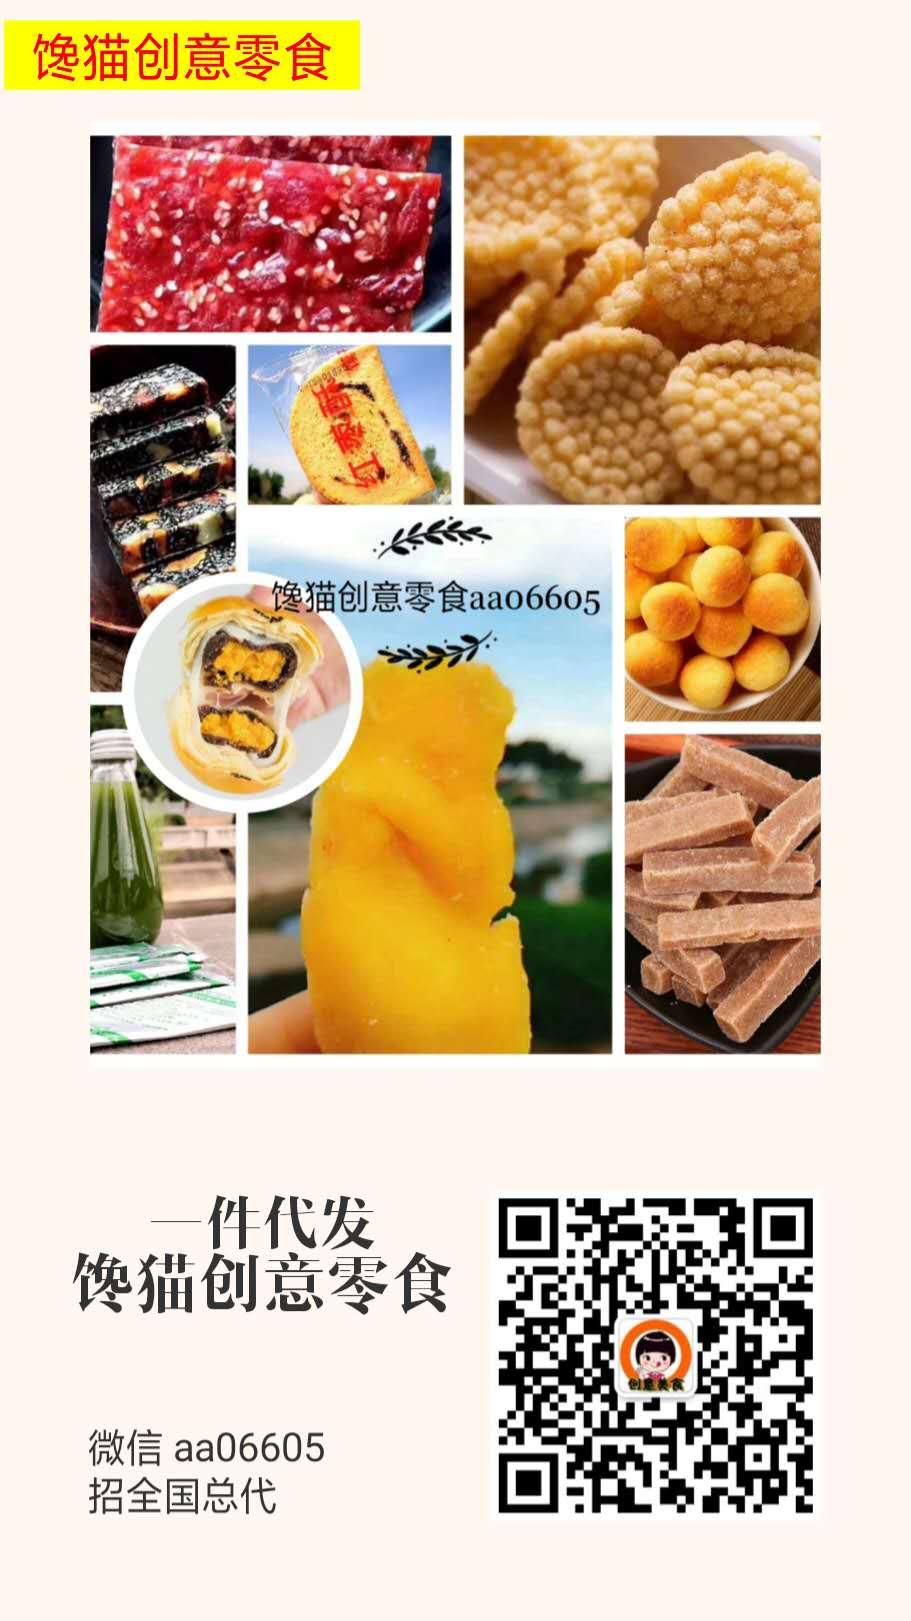 微商零食一手货源哪里找做微商卖零食赚钱吗